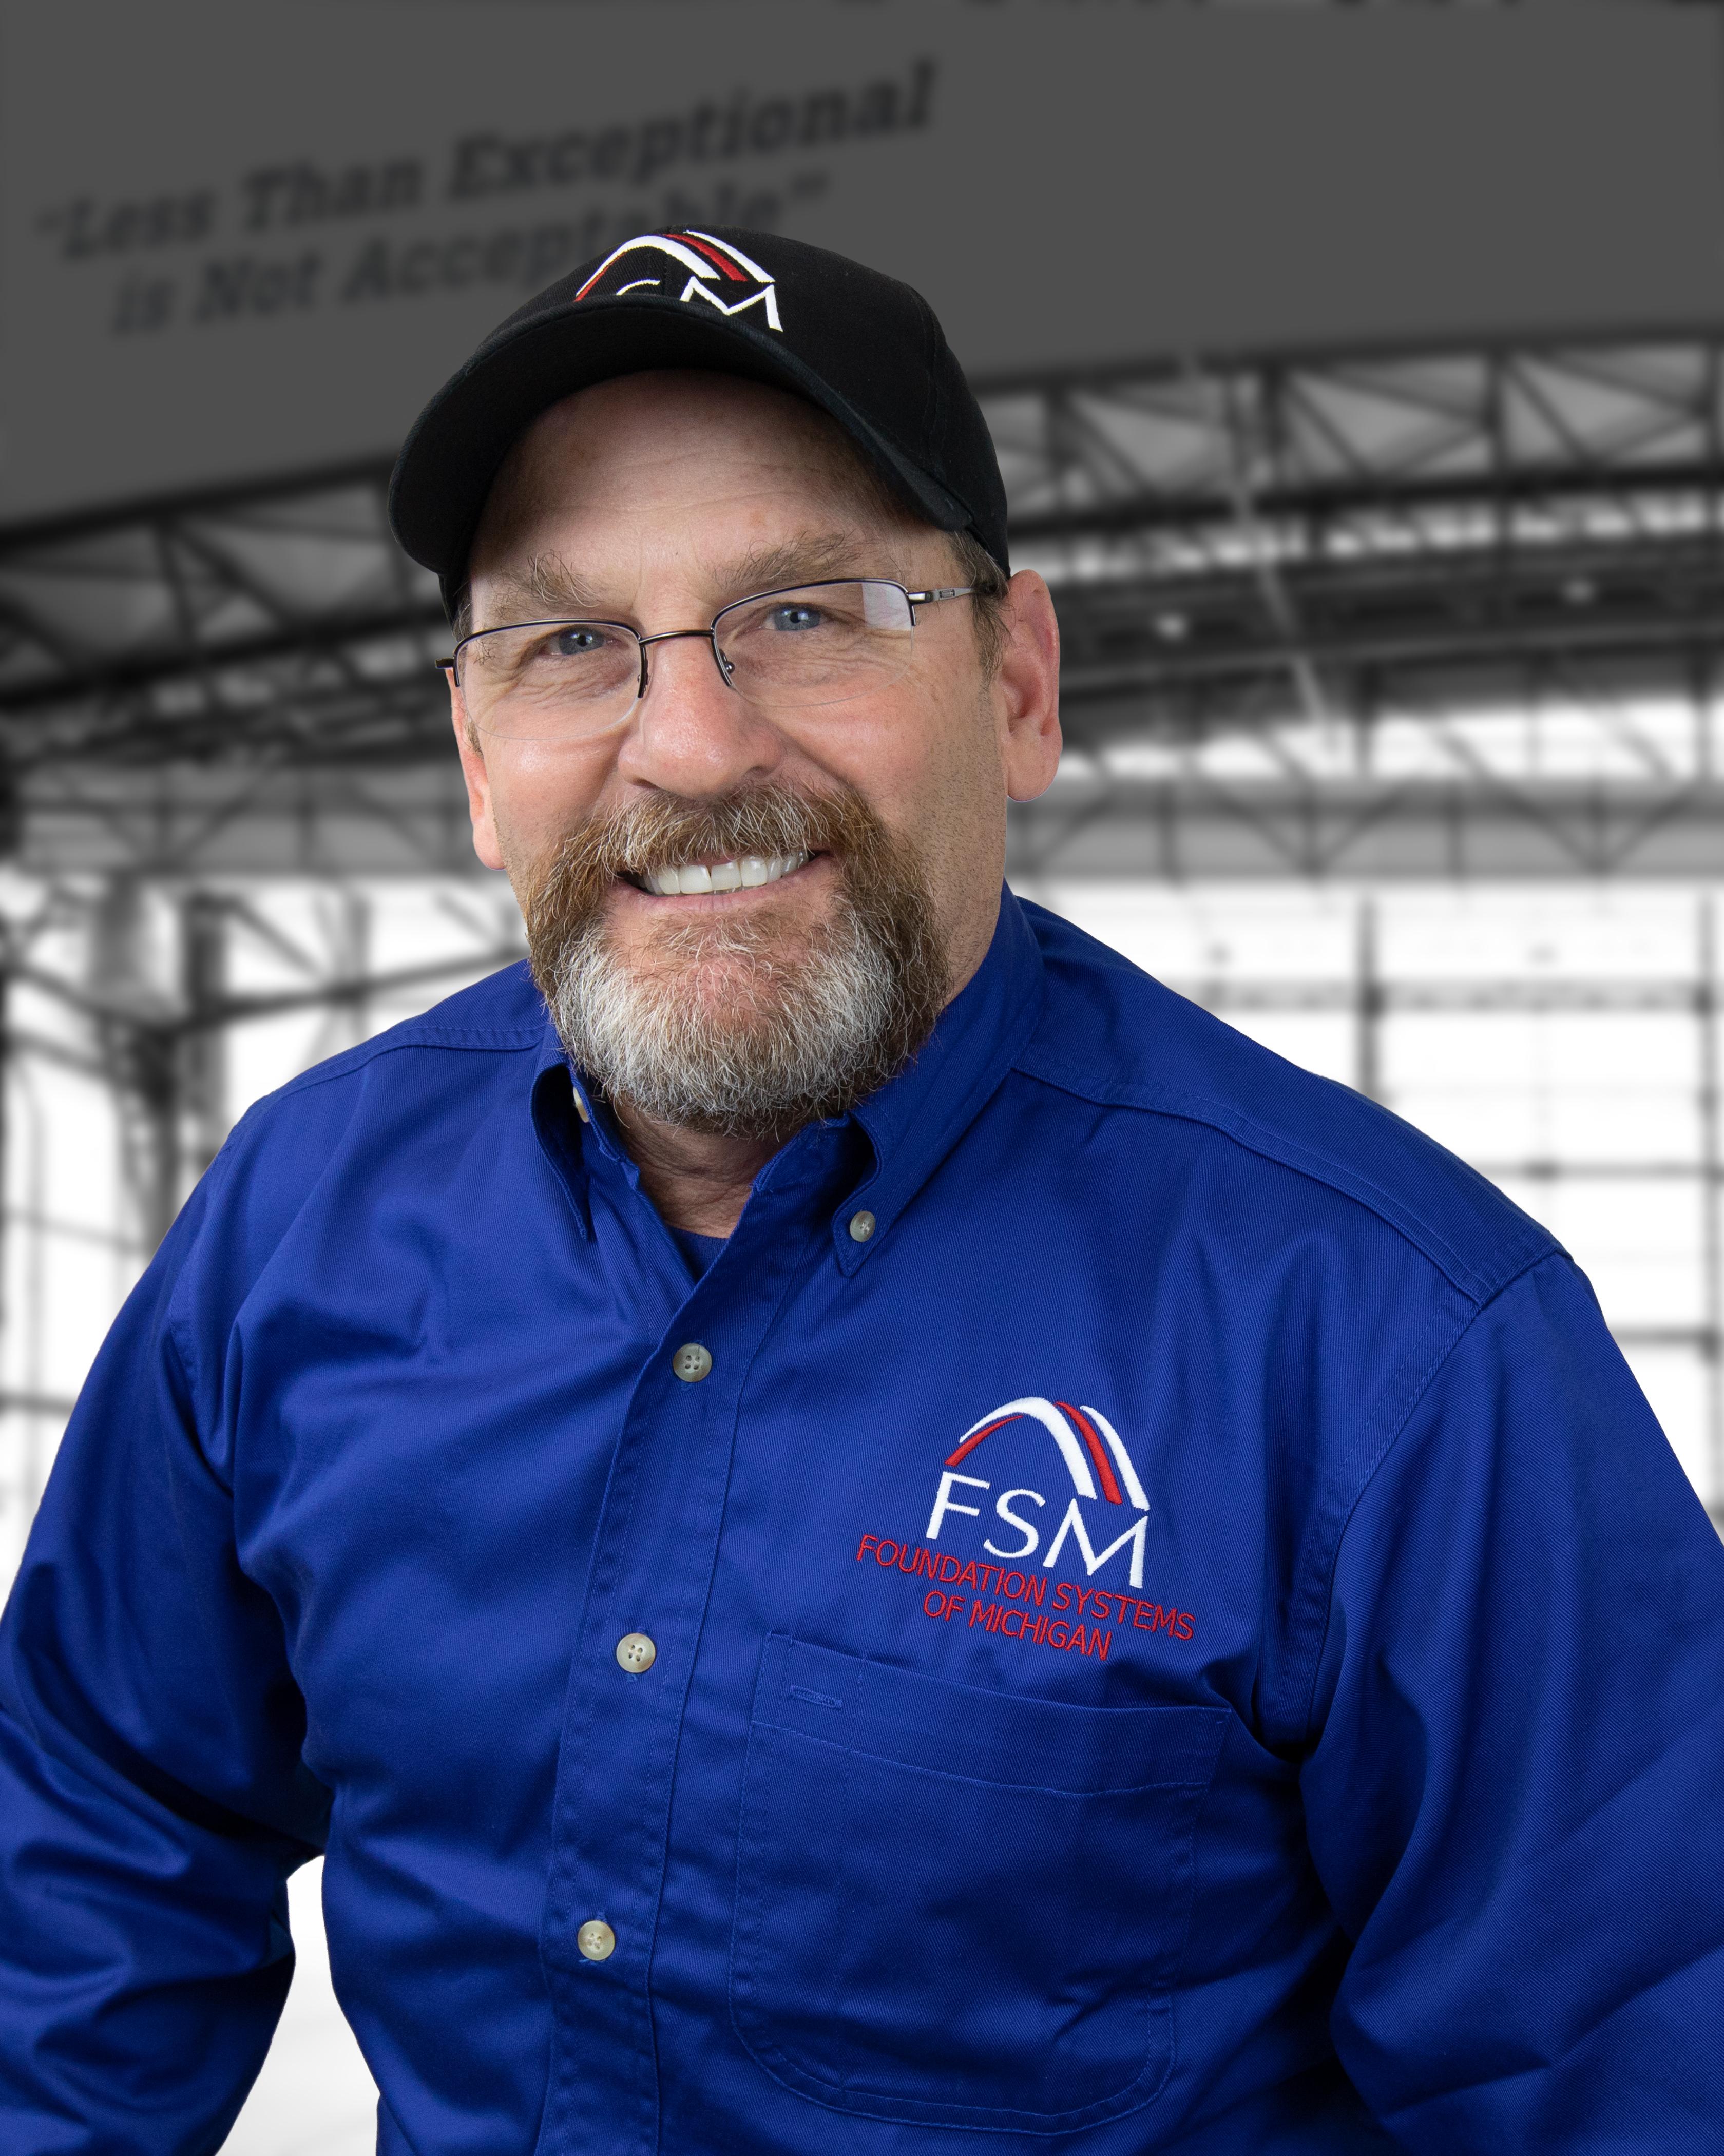 FSM Robert Graf Warehouse Associate